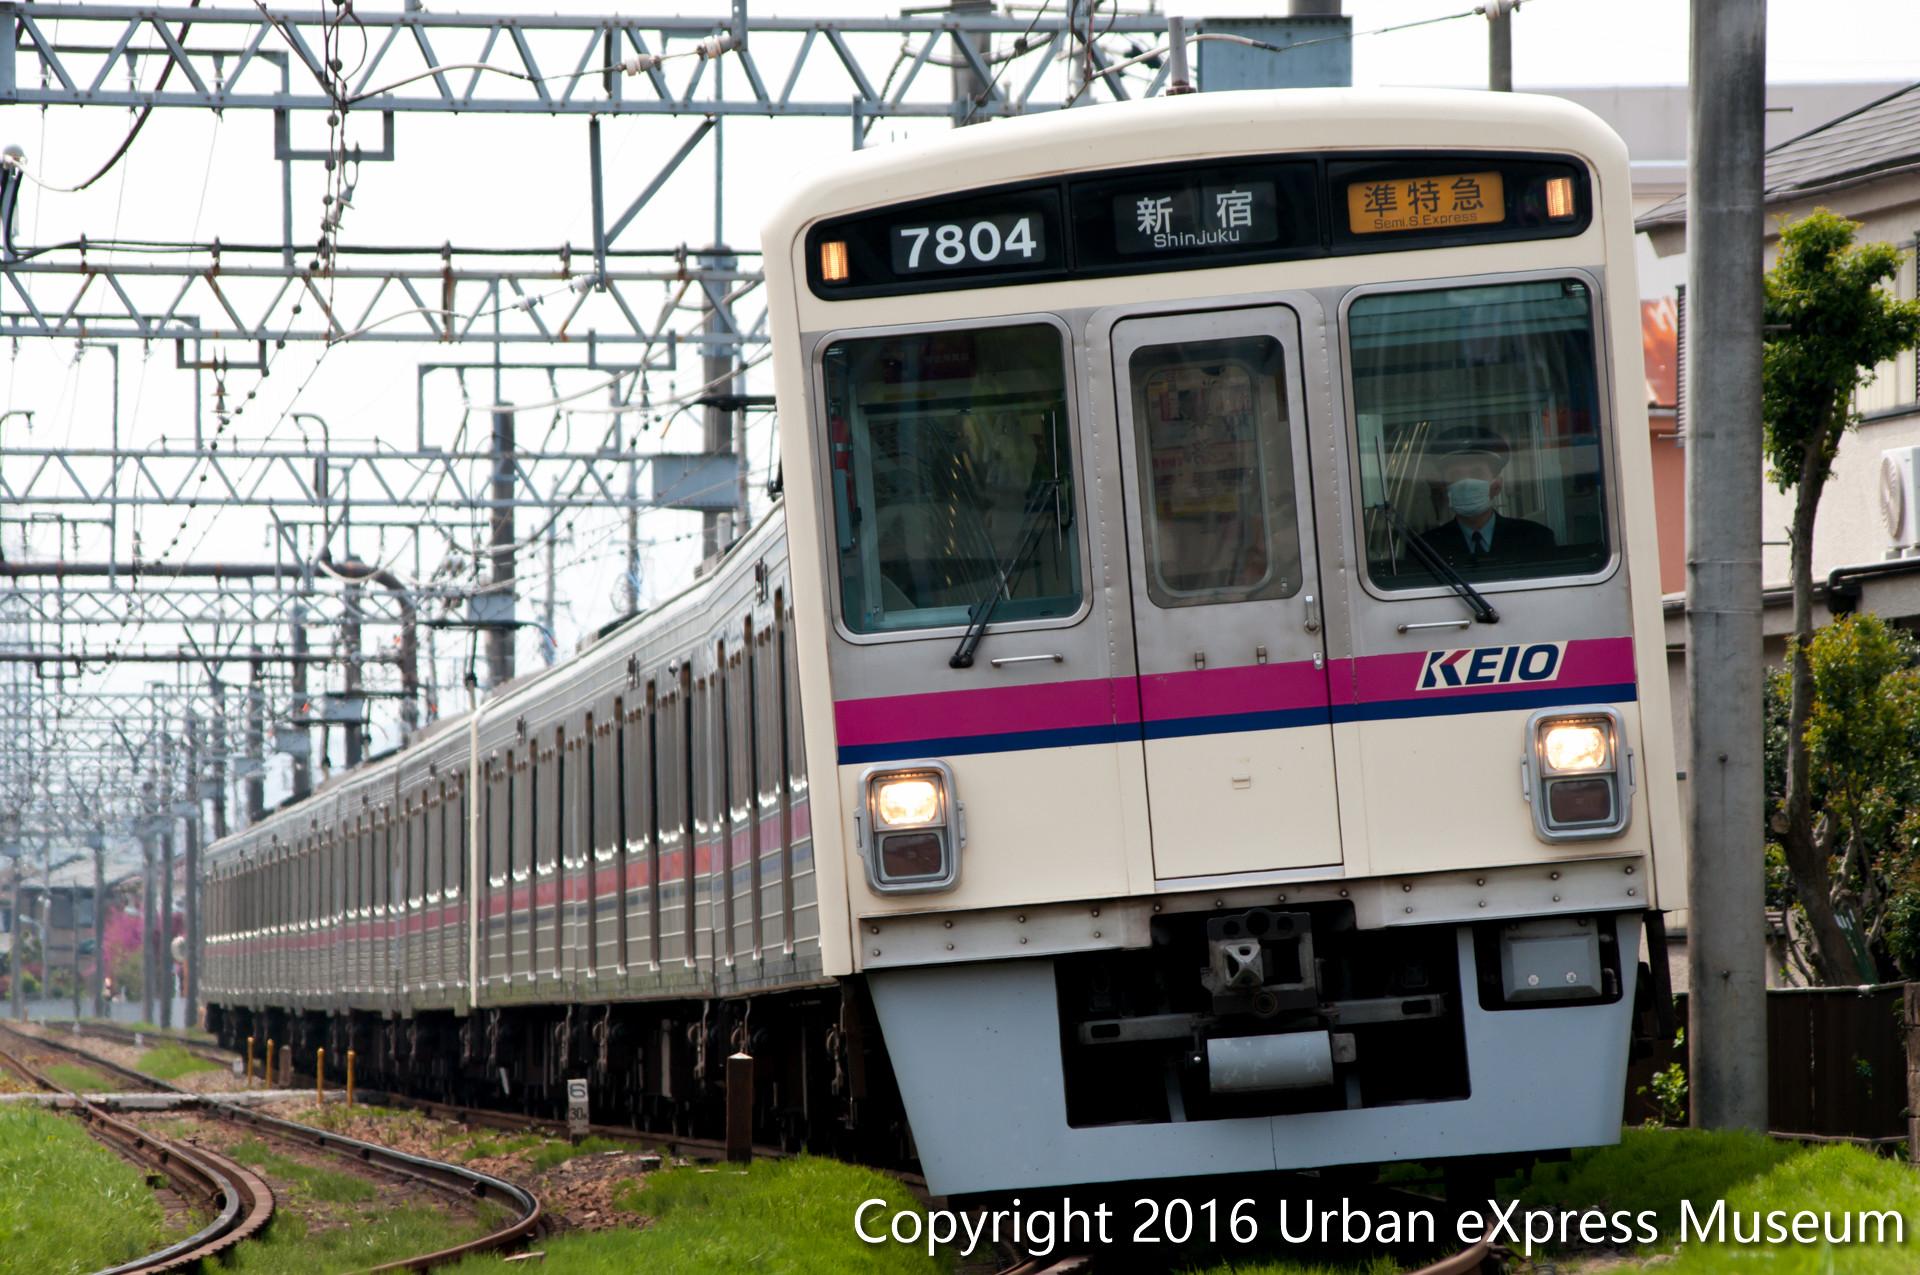 鉄道写真コーナーに京王7000系を追加しました!